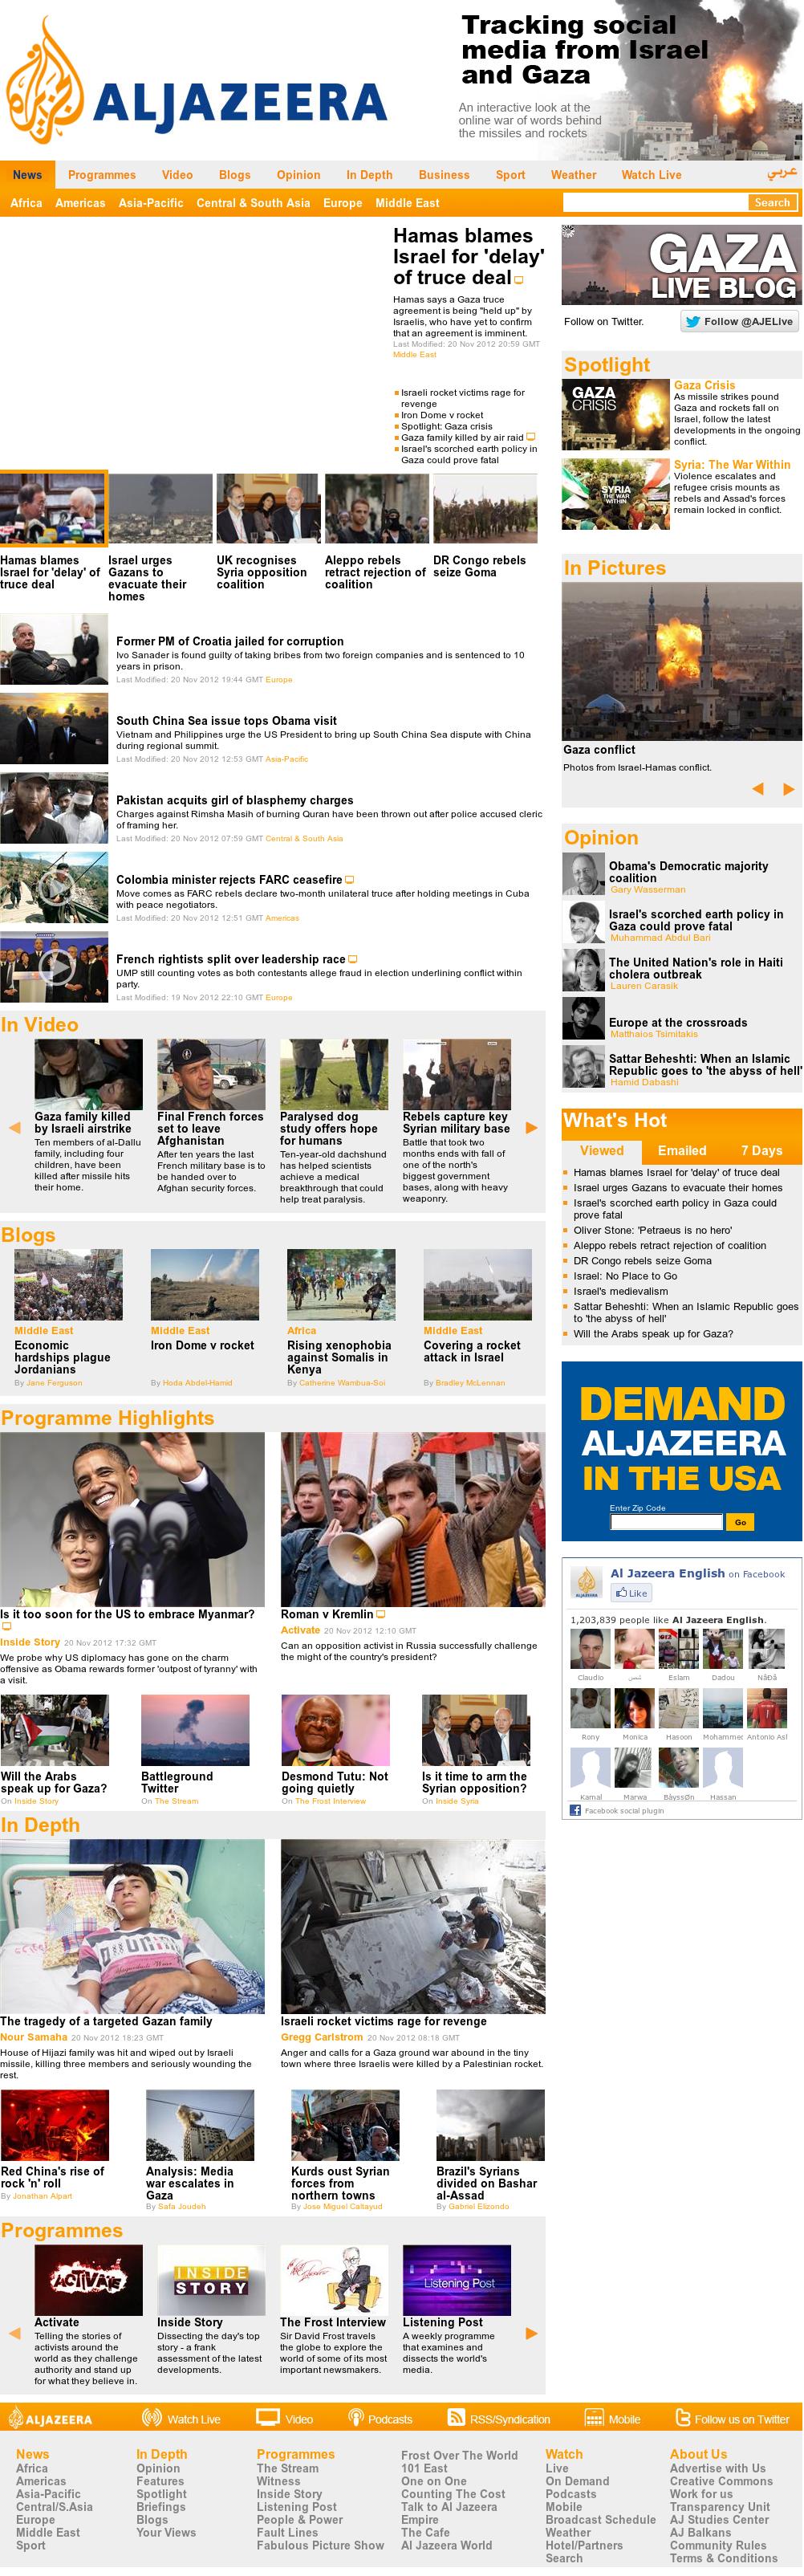 Al Jazeera (English) at Tuesday Nov. 20, 2012, 9:15 p.m. UTC